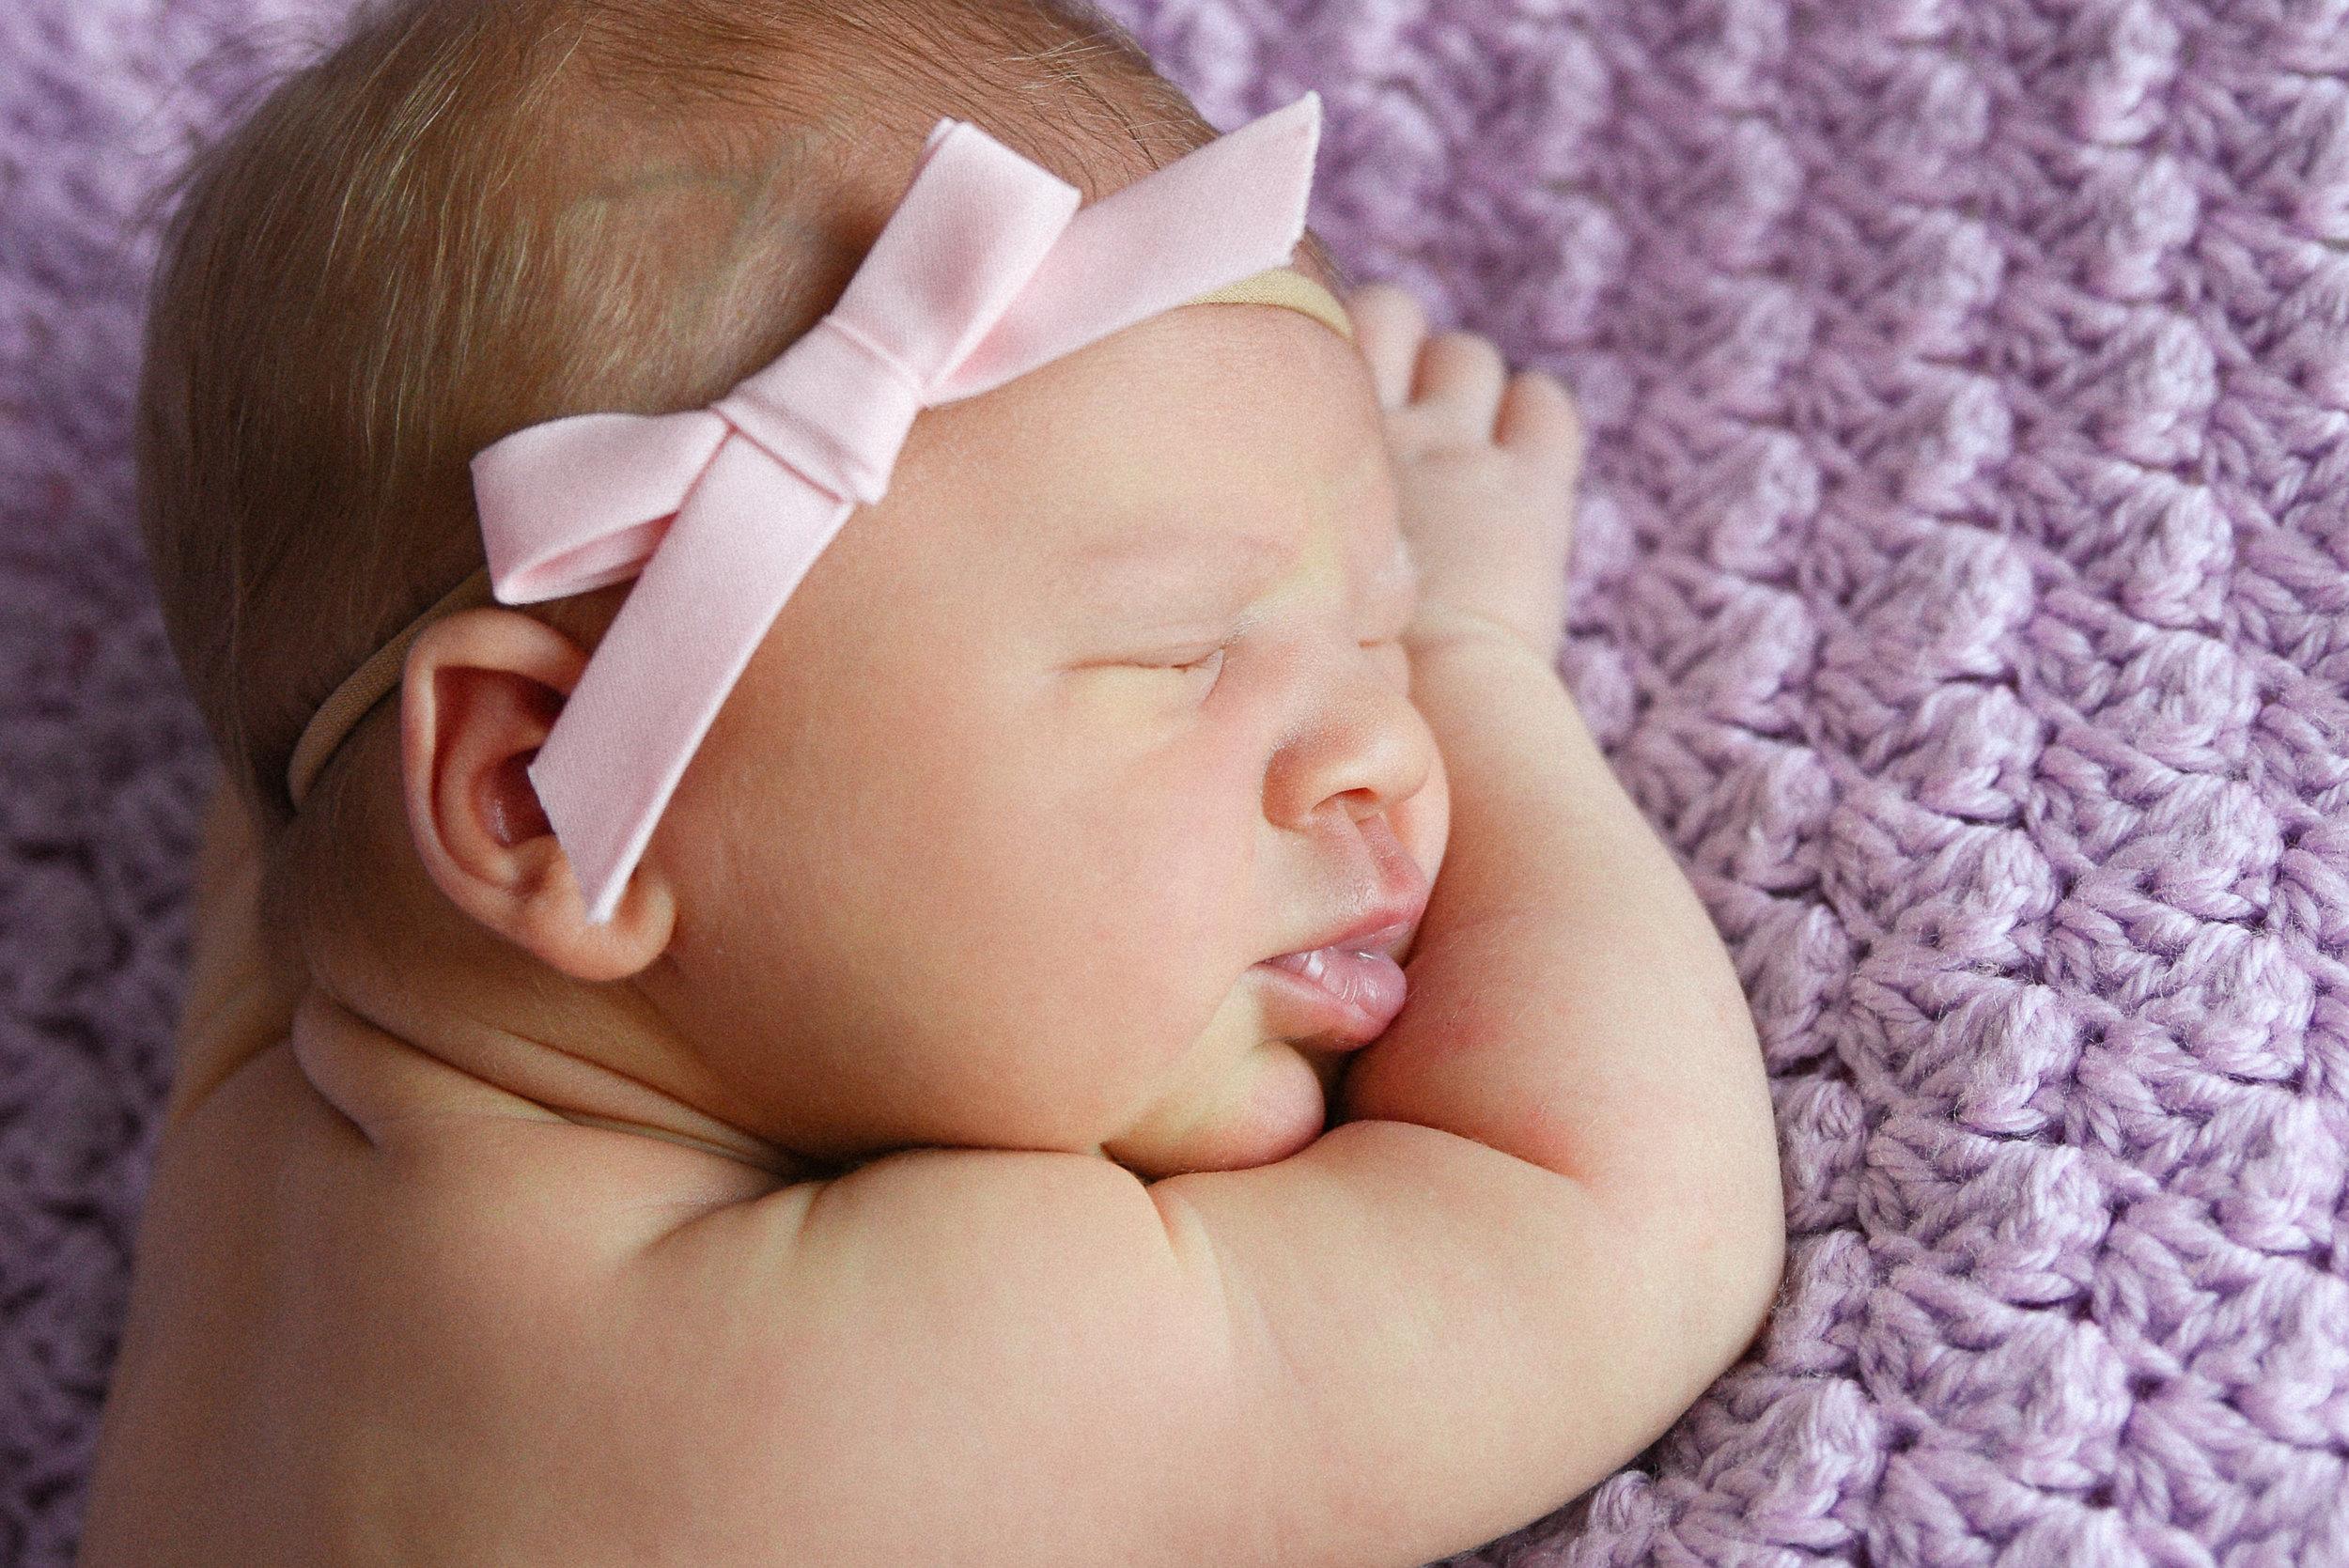 nickiegraybillphoto_parker_newborn_179.jpg